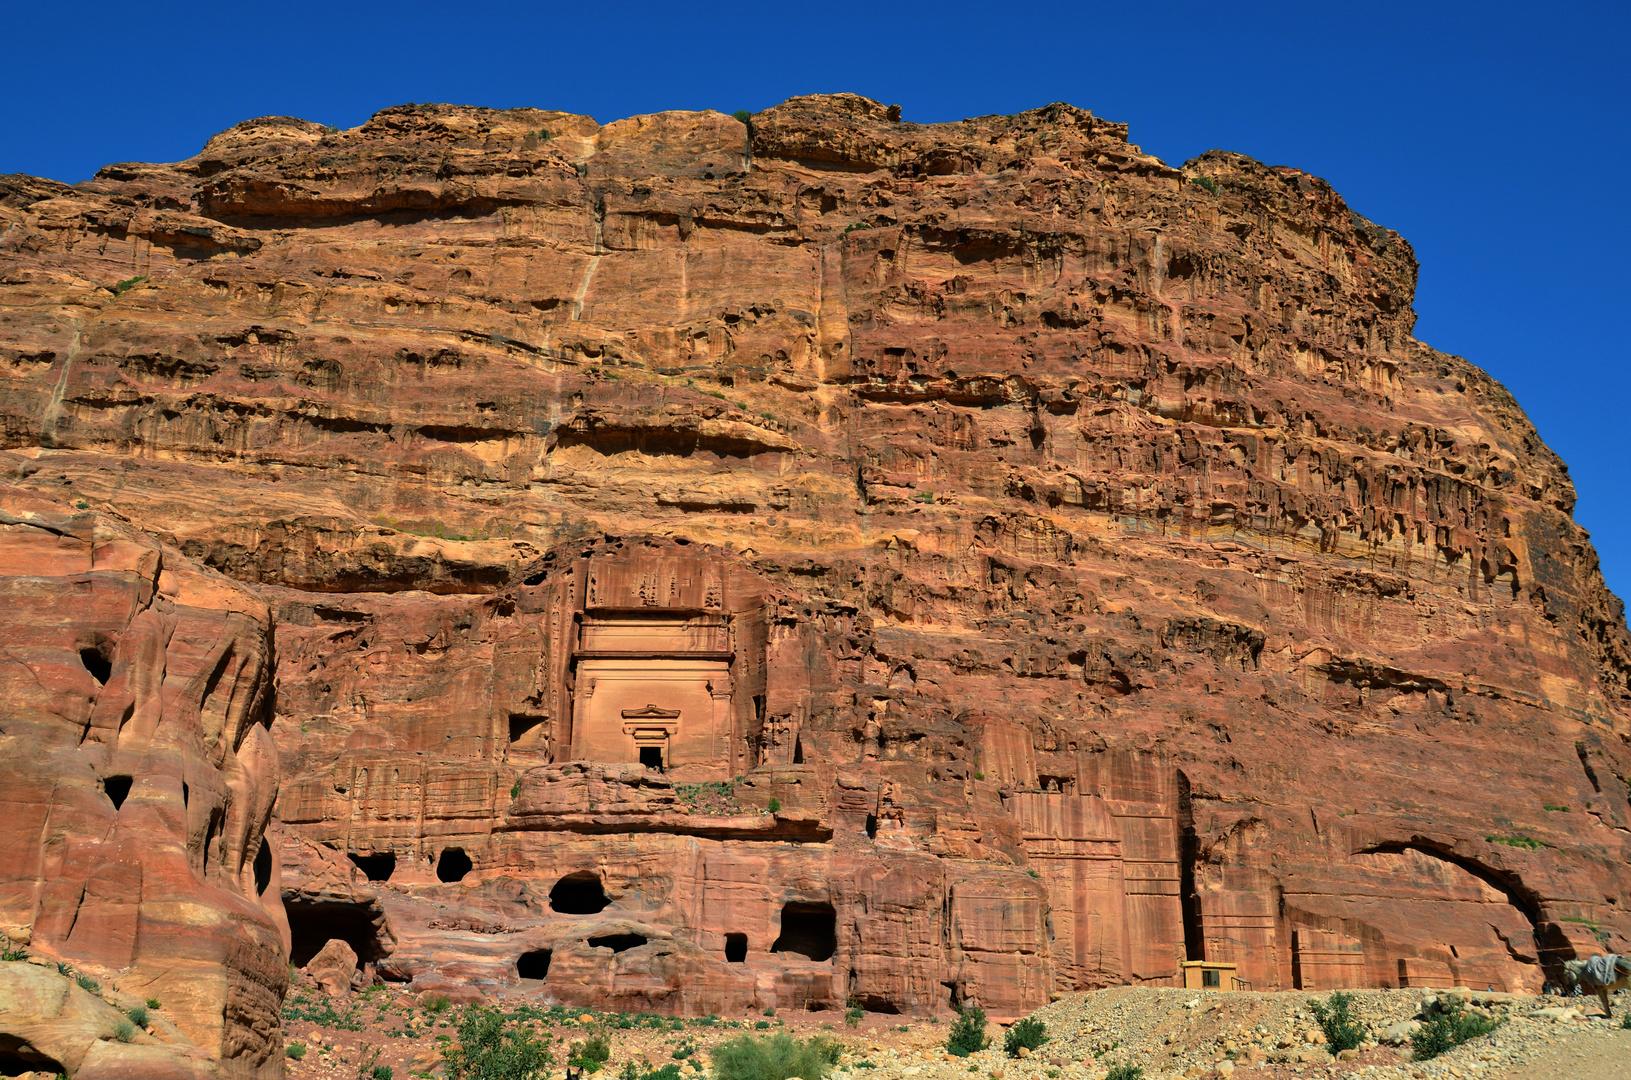 Grabstätten der Nabatäer in Petra